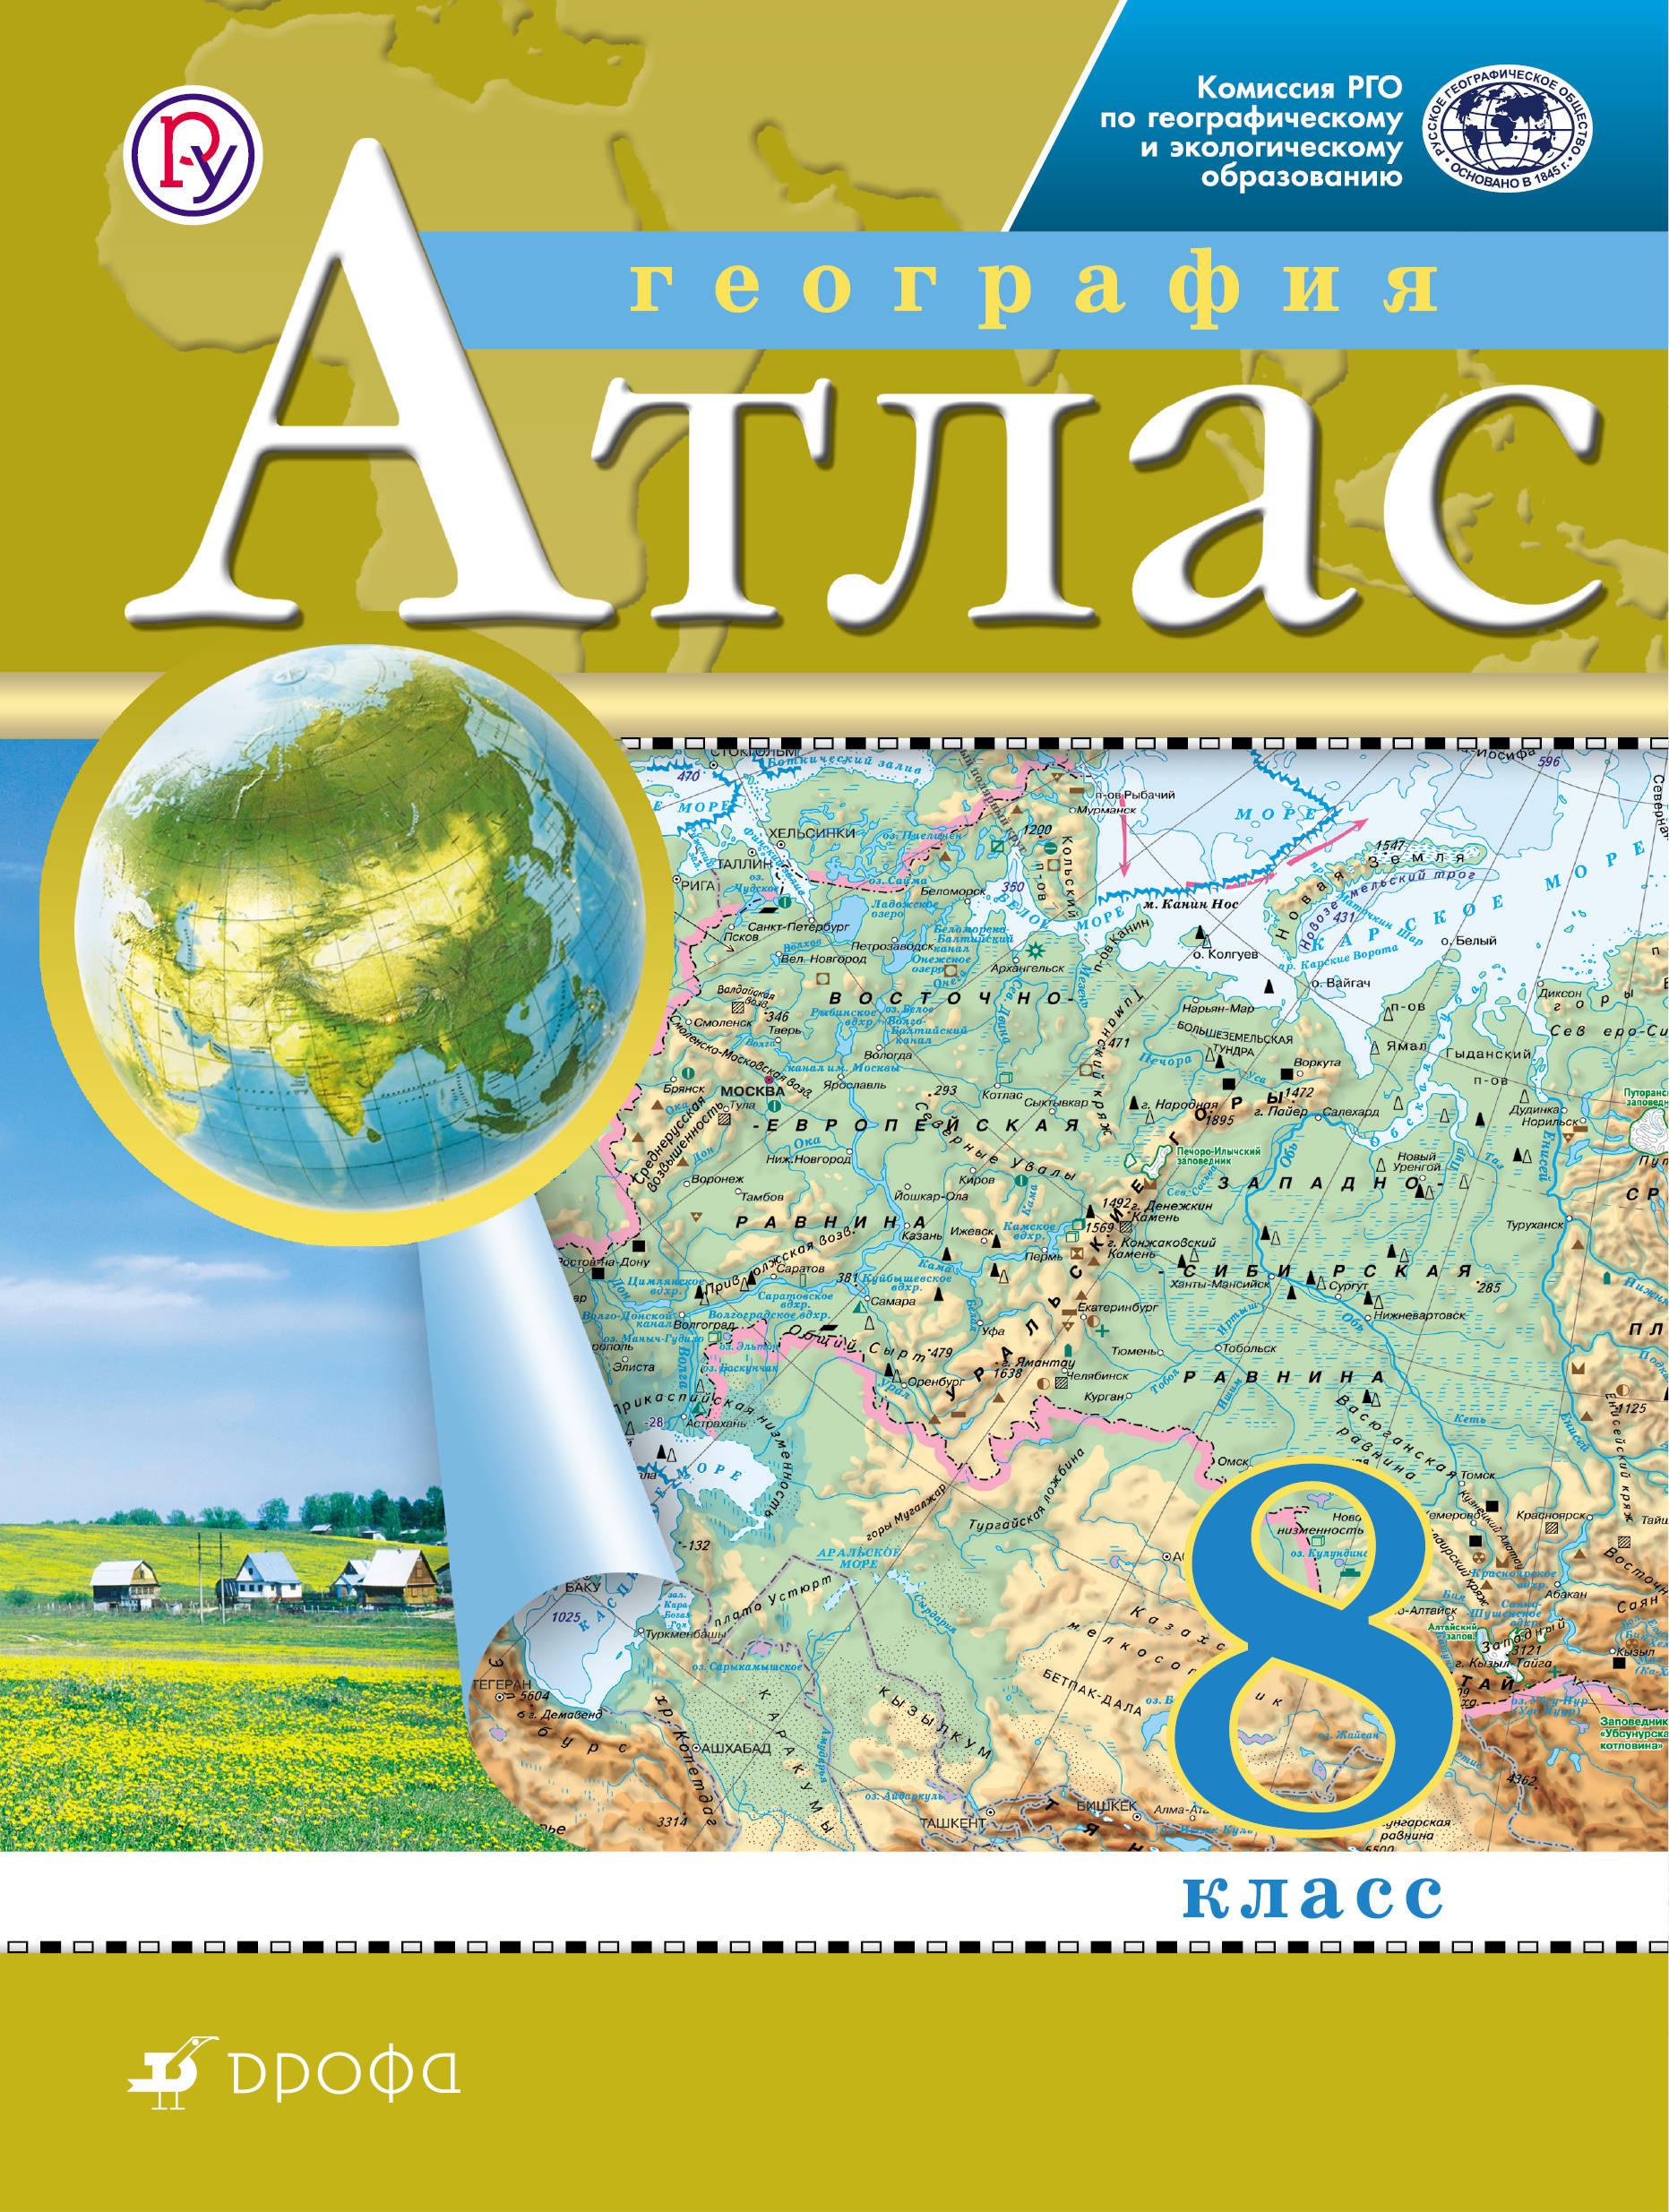 Фото - География. 8 класс. Атлас. (Традиционный комплект) (РГО) география 10 11 классы атлас традиционный комплект рго